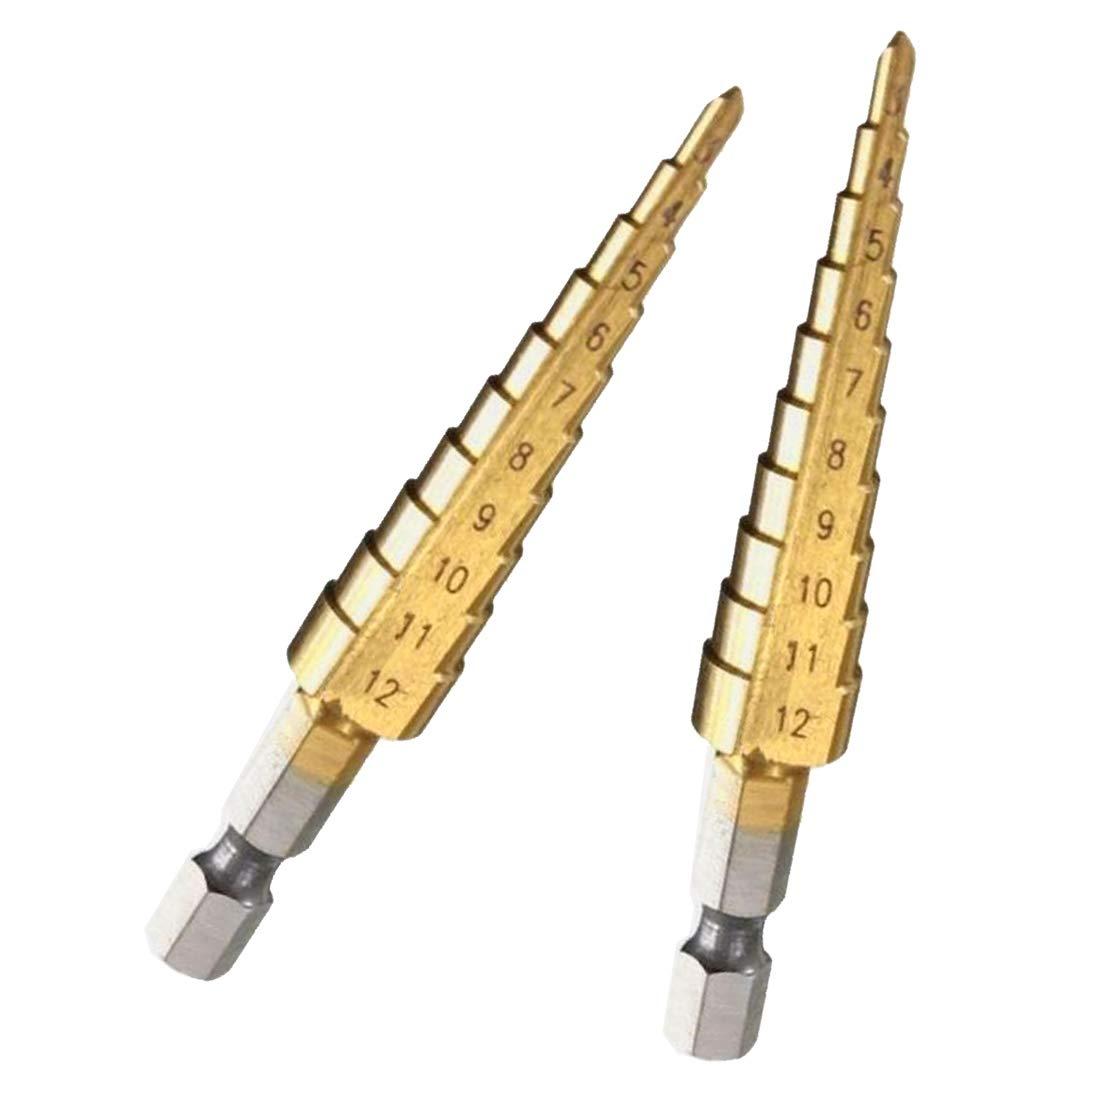 Titanium Step Drill Bits 3-12mm HSS Power Tools HSS Wood Metal Drilling Luwu-Store